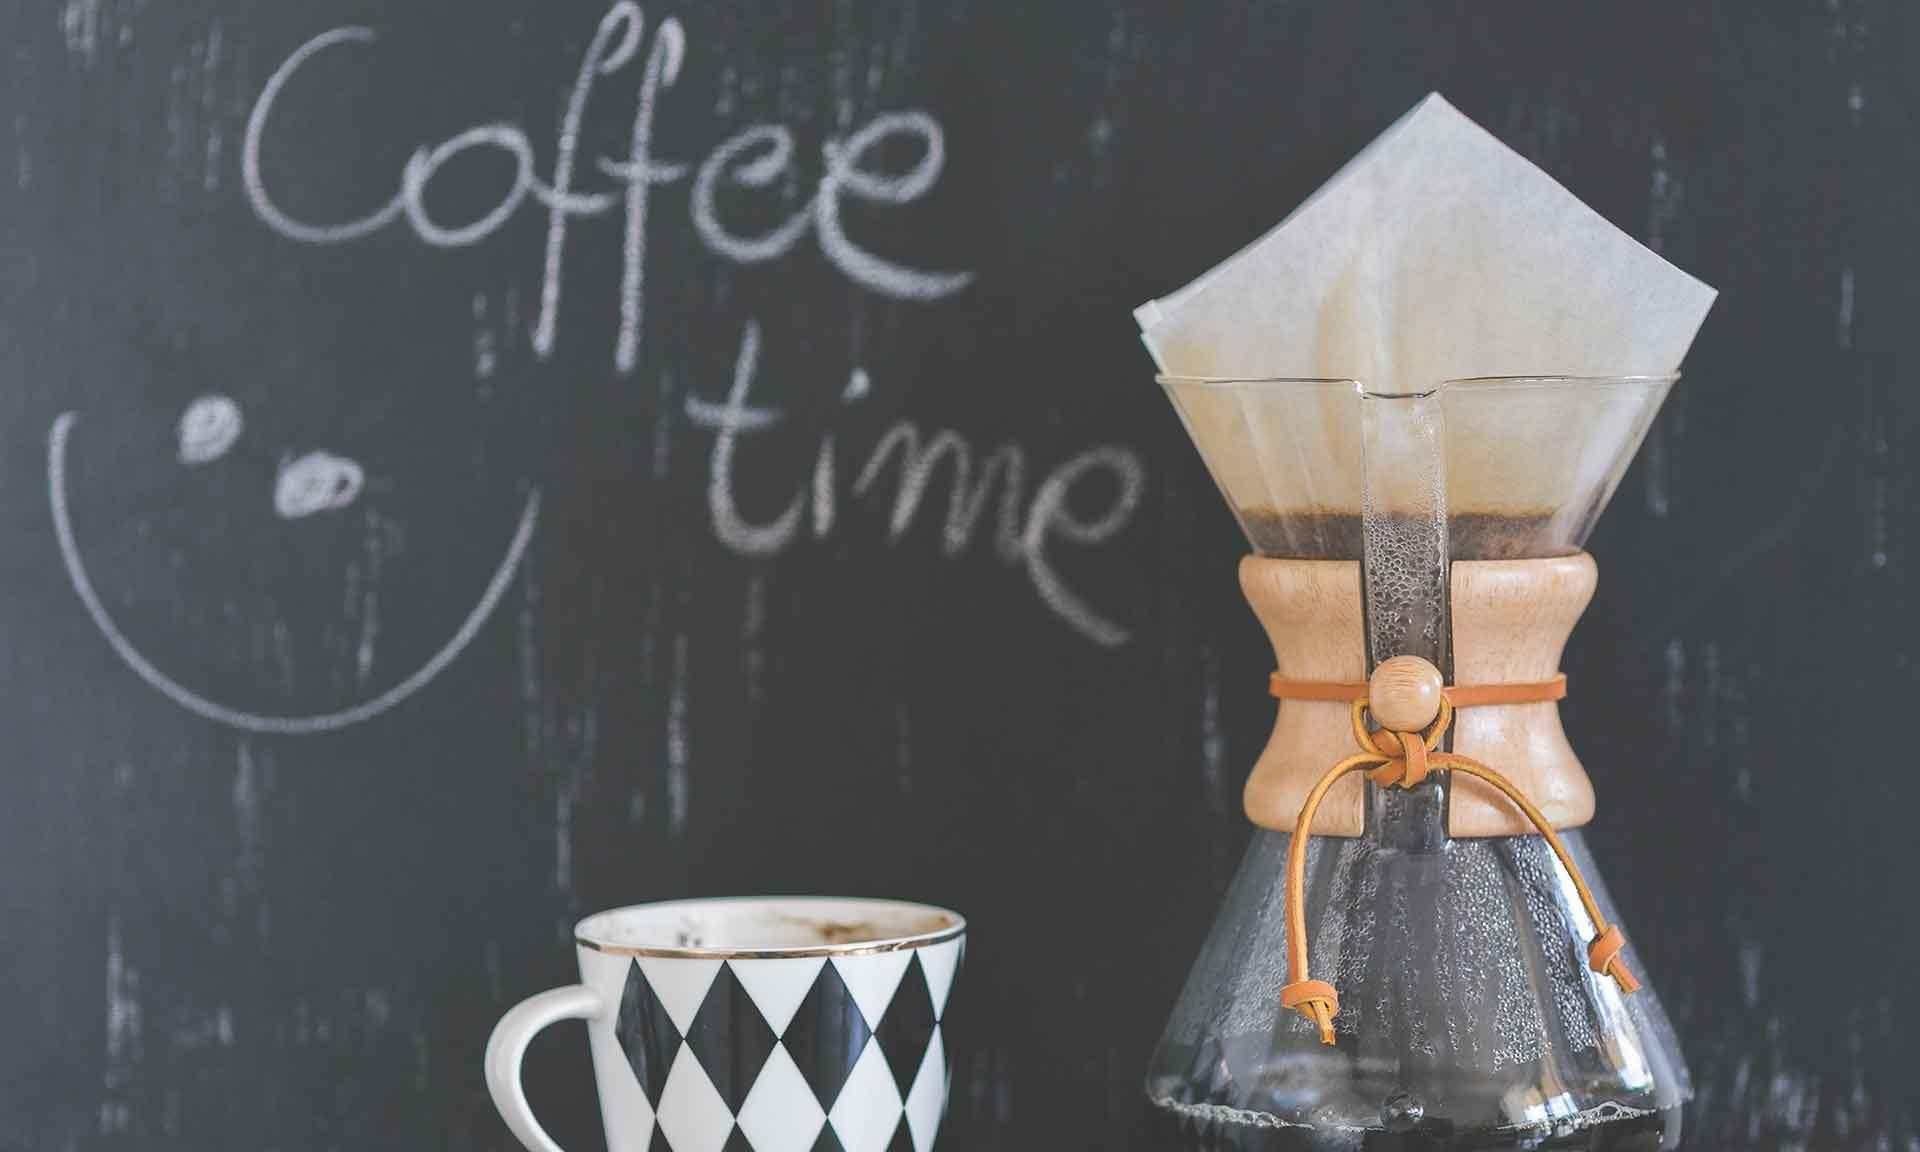 J. Hornig Kaffeetyp